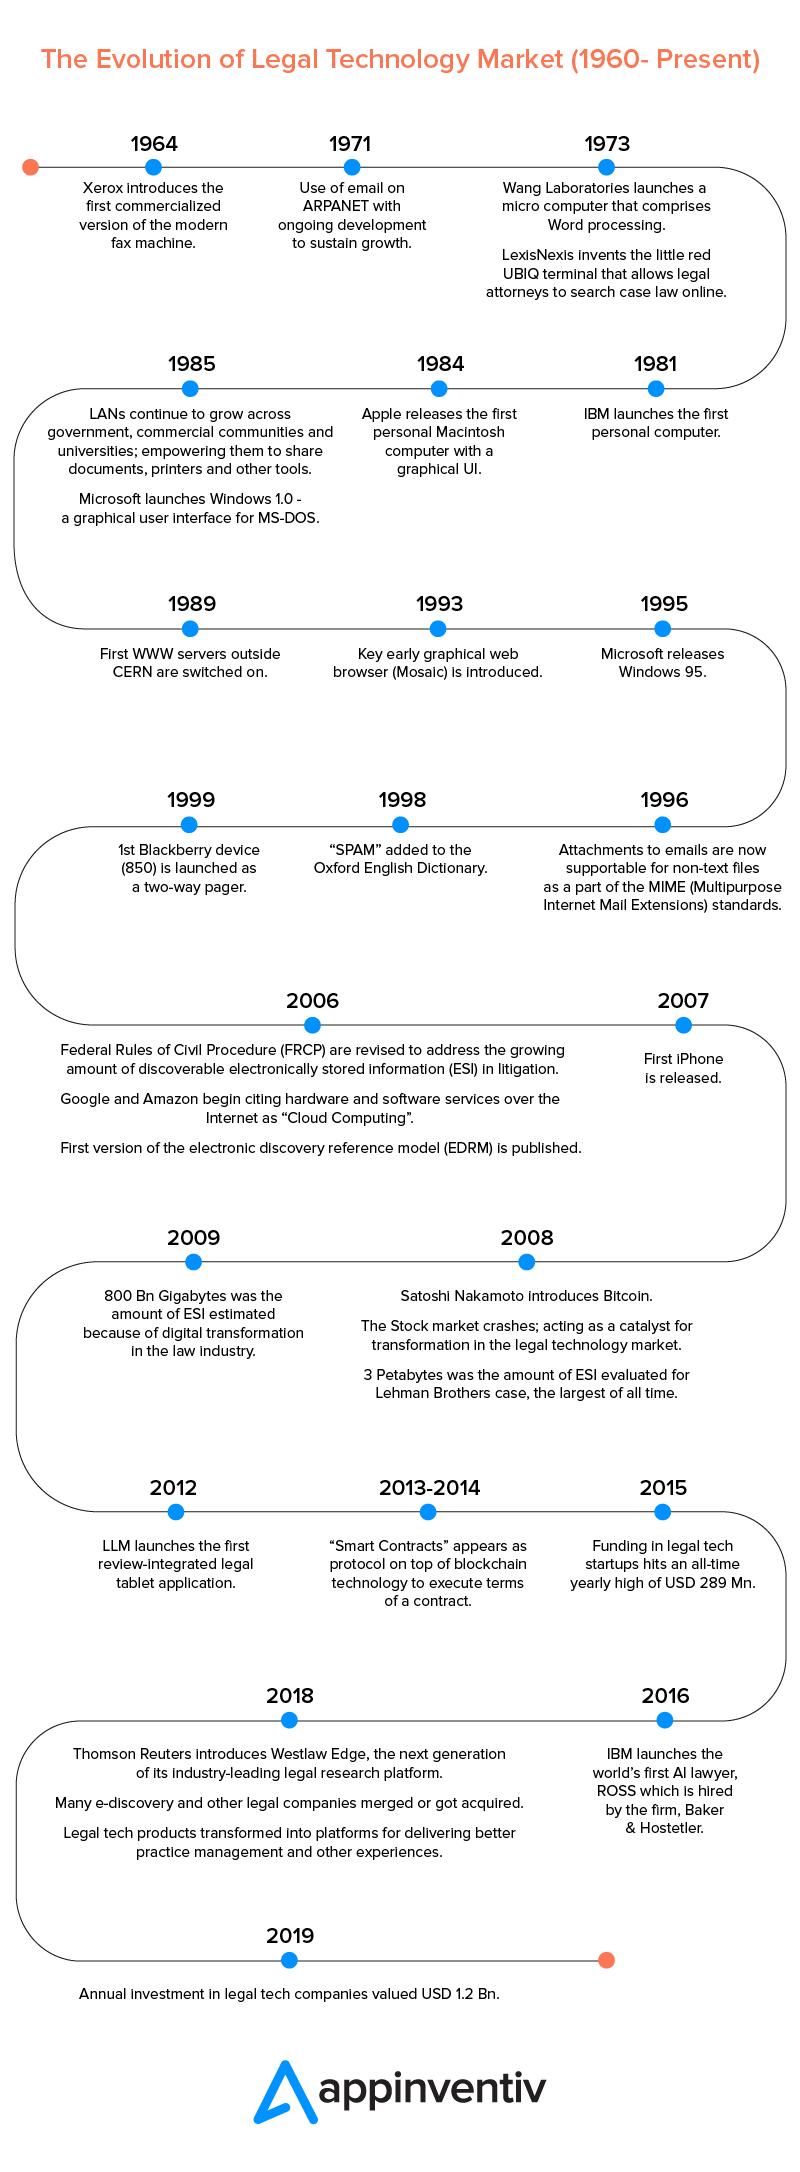 evolution of legal technology timeline